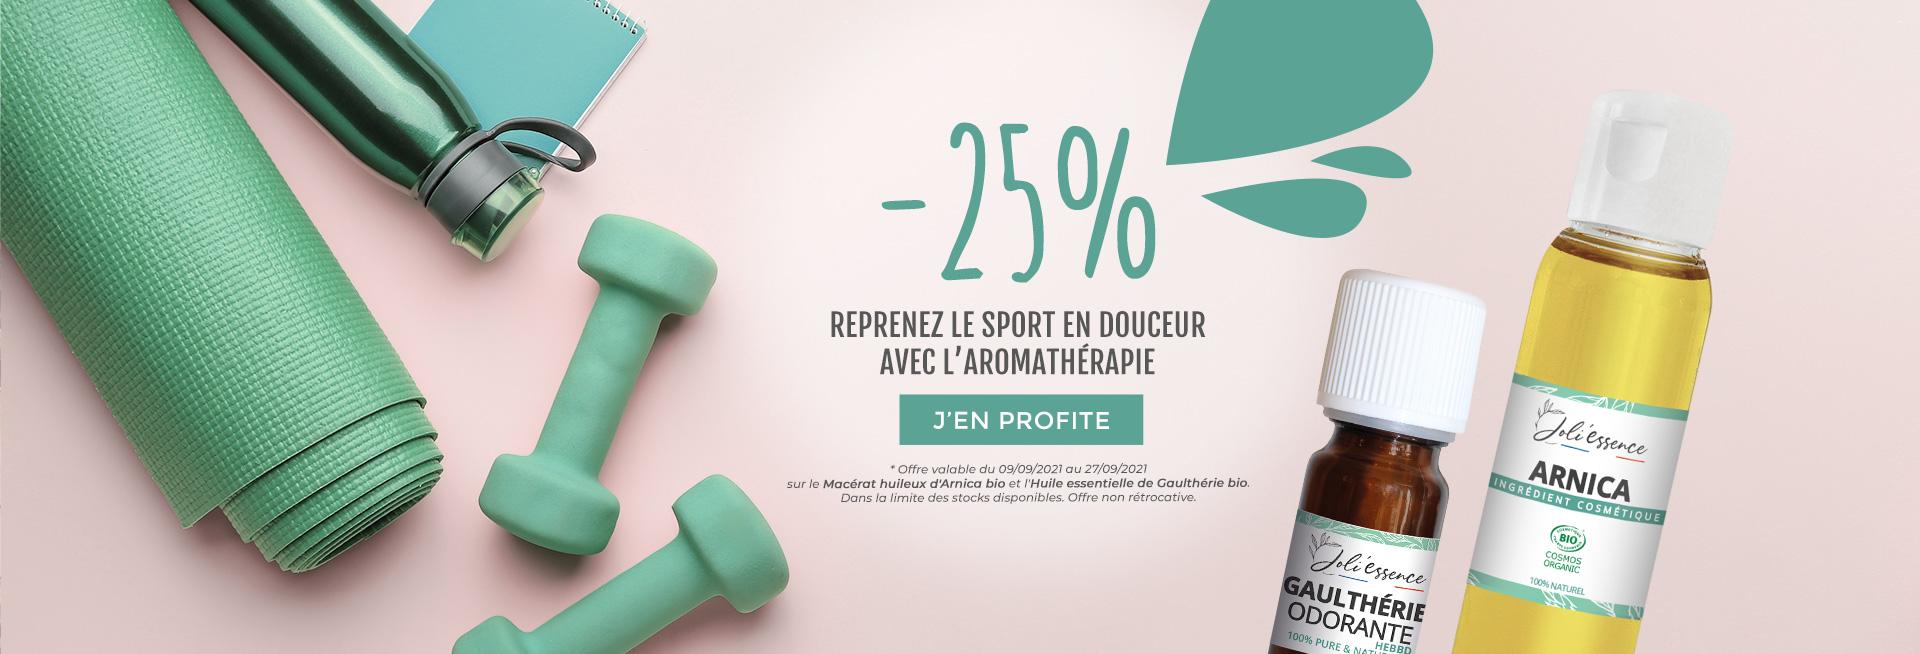 -25% sur de produits aromathérapie